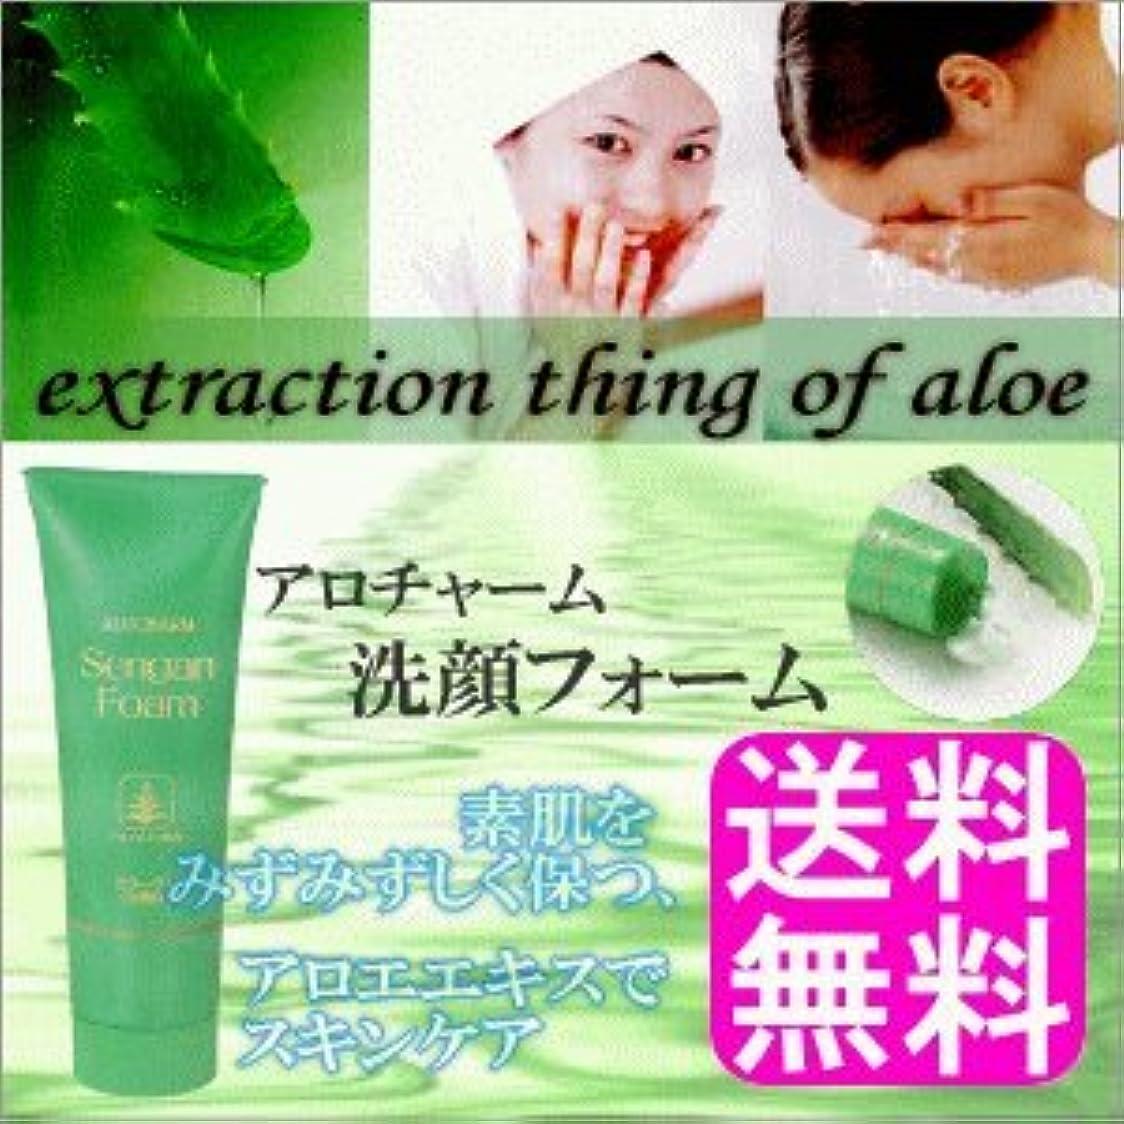 ツール畝間消化器アロチャーム 洗顔フォーム